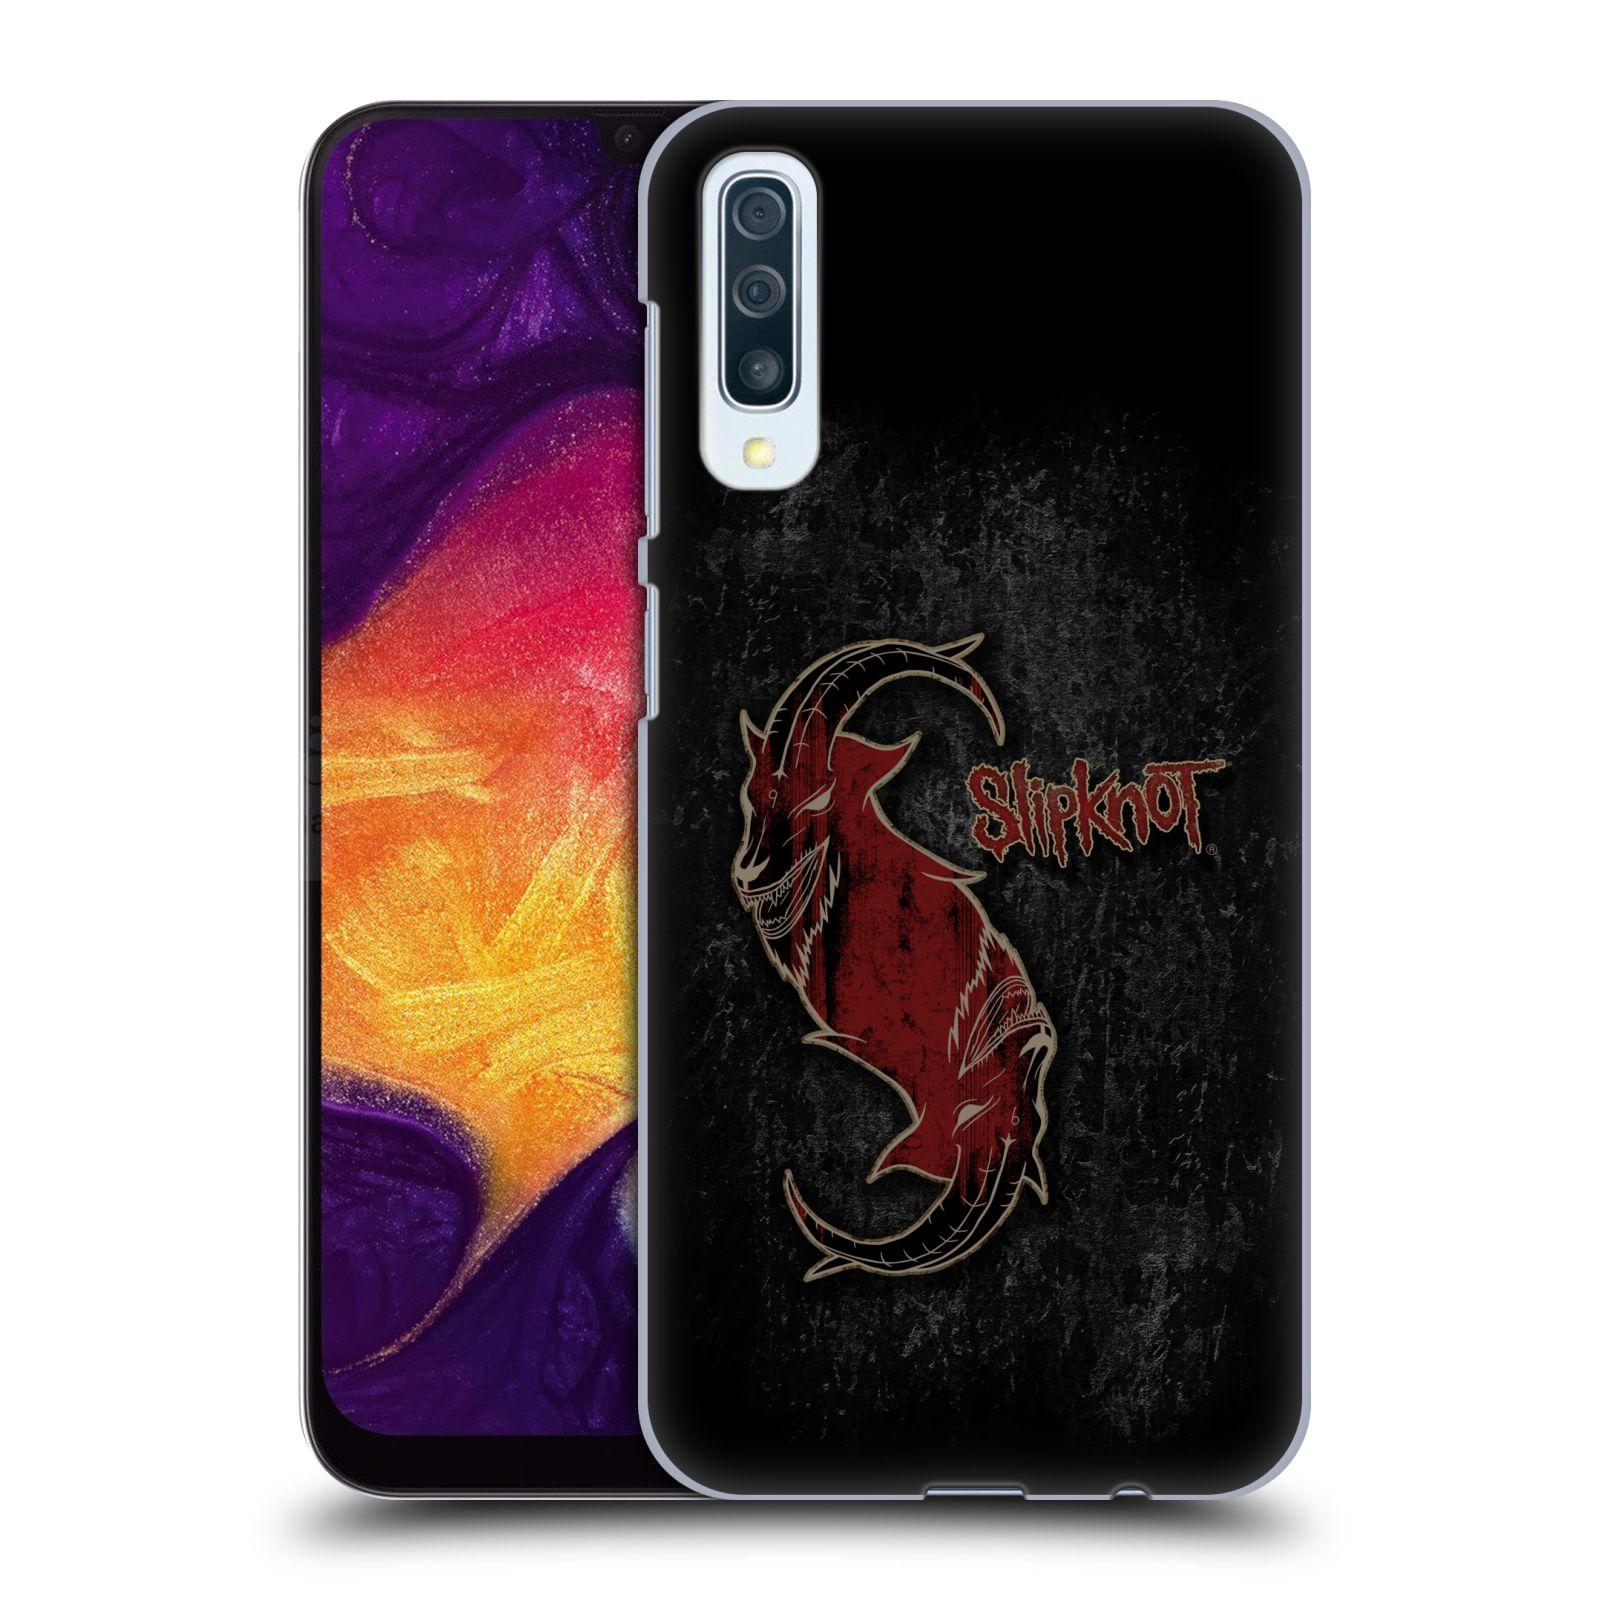 Plastové pouzdro na mobil Samsung Galaxy A50 - Head Case - Slipknot - Rudý kozel